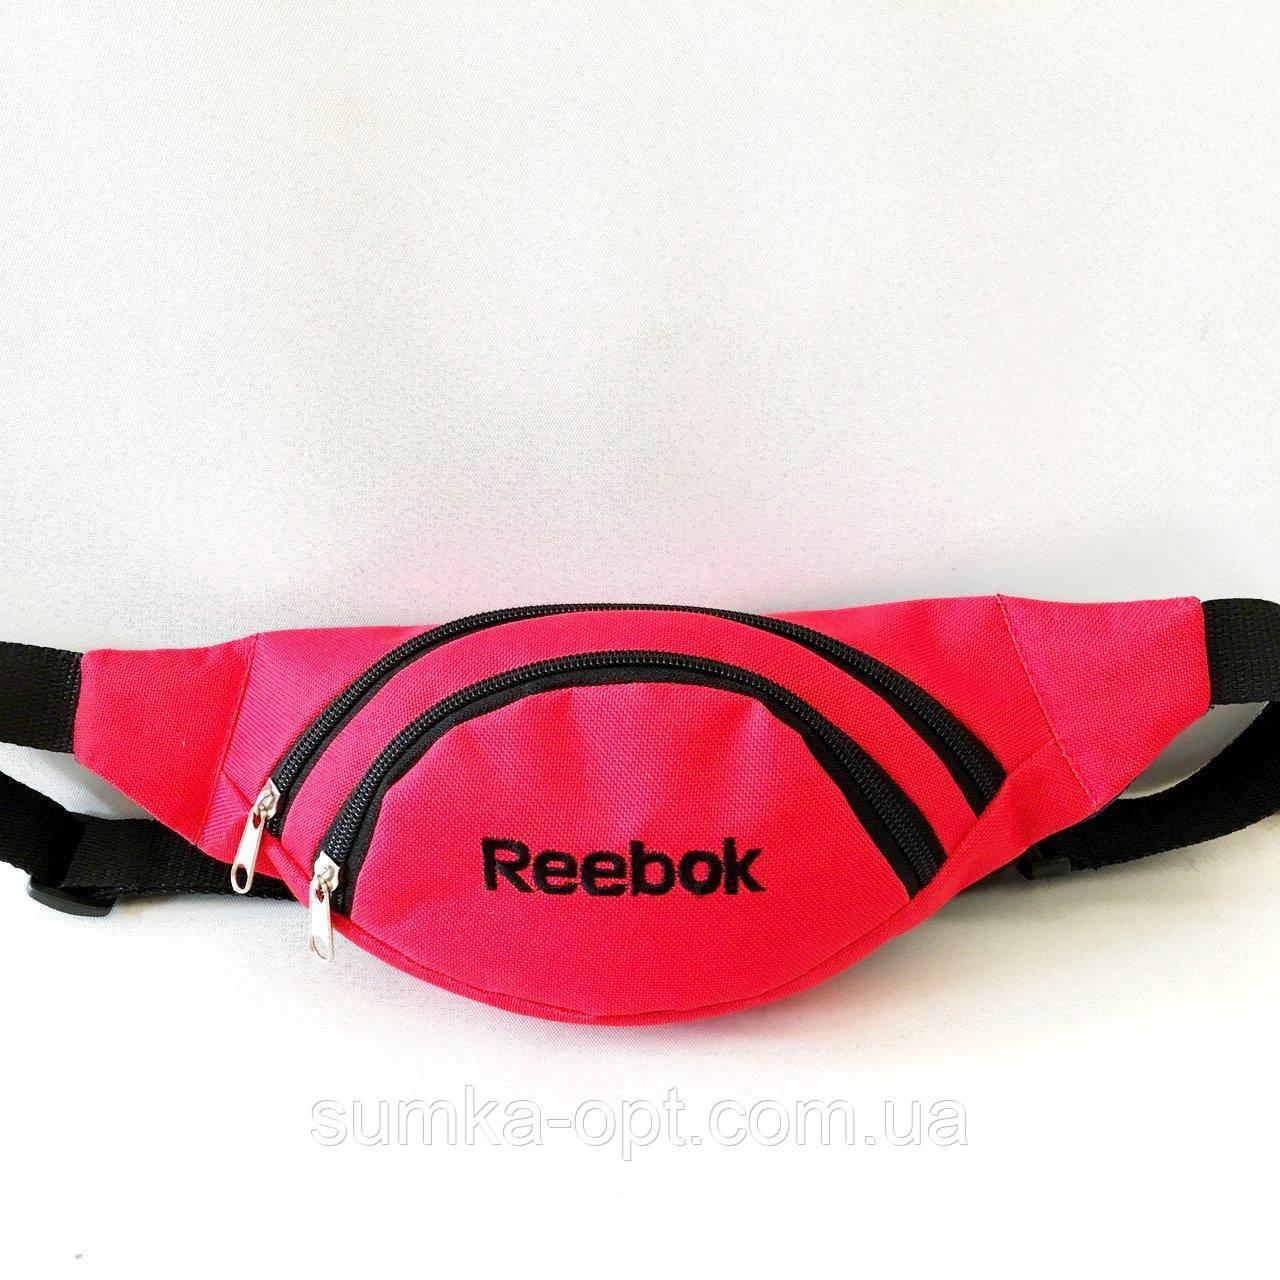 Спортивные сумки на пояс ReaBook текстиль (красный)14*36см